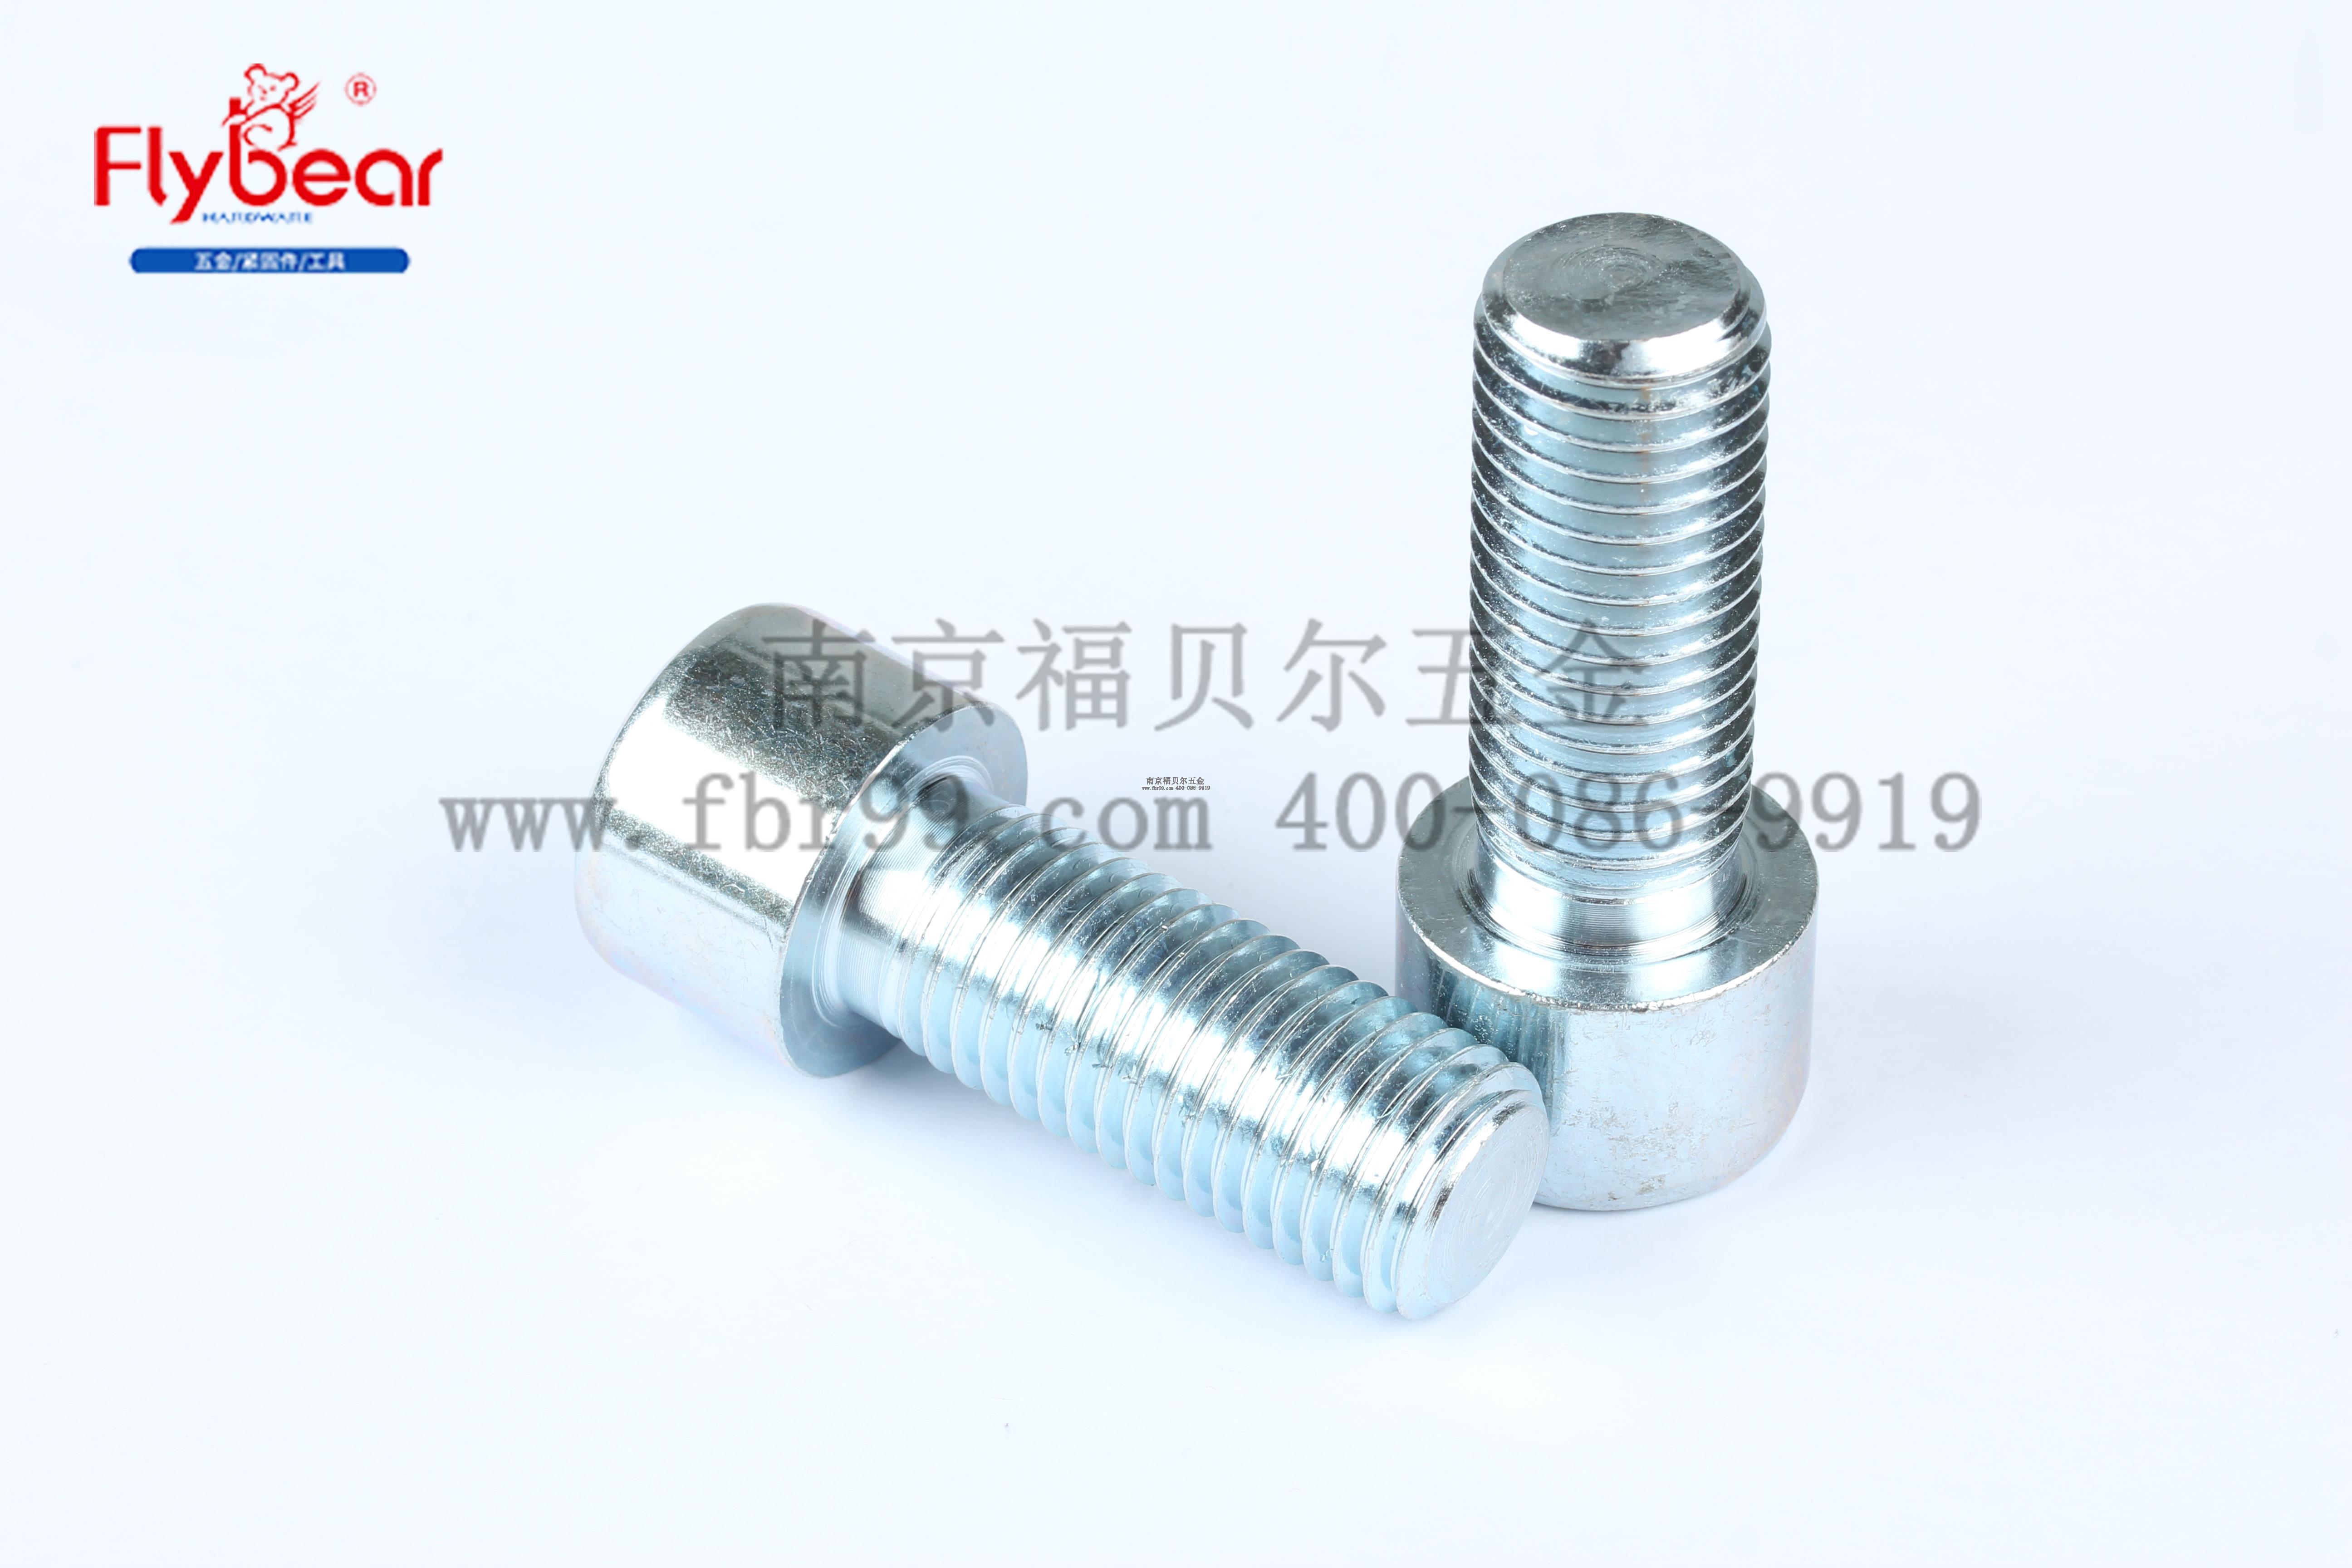 GB70.1 左旋内六角圆柱头全牙螺栓 碳钢8.8级 蓝白锌